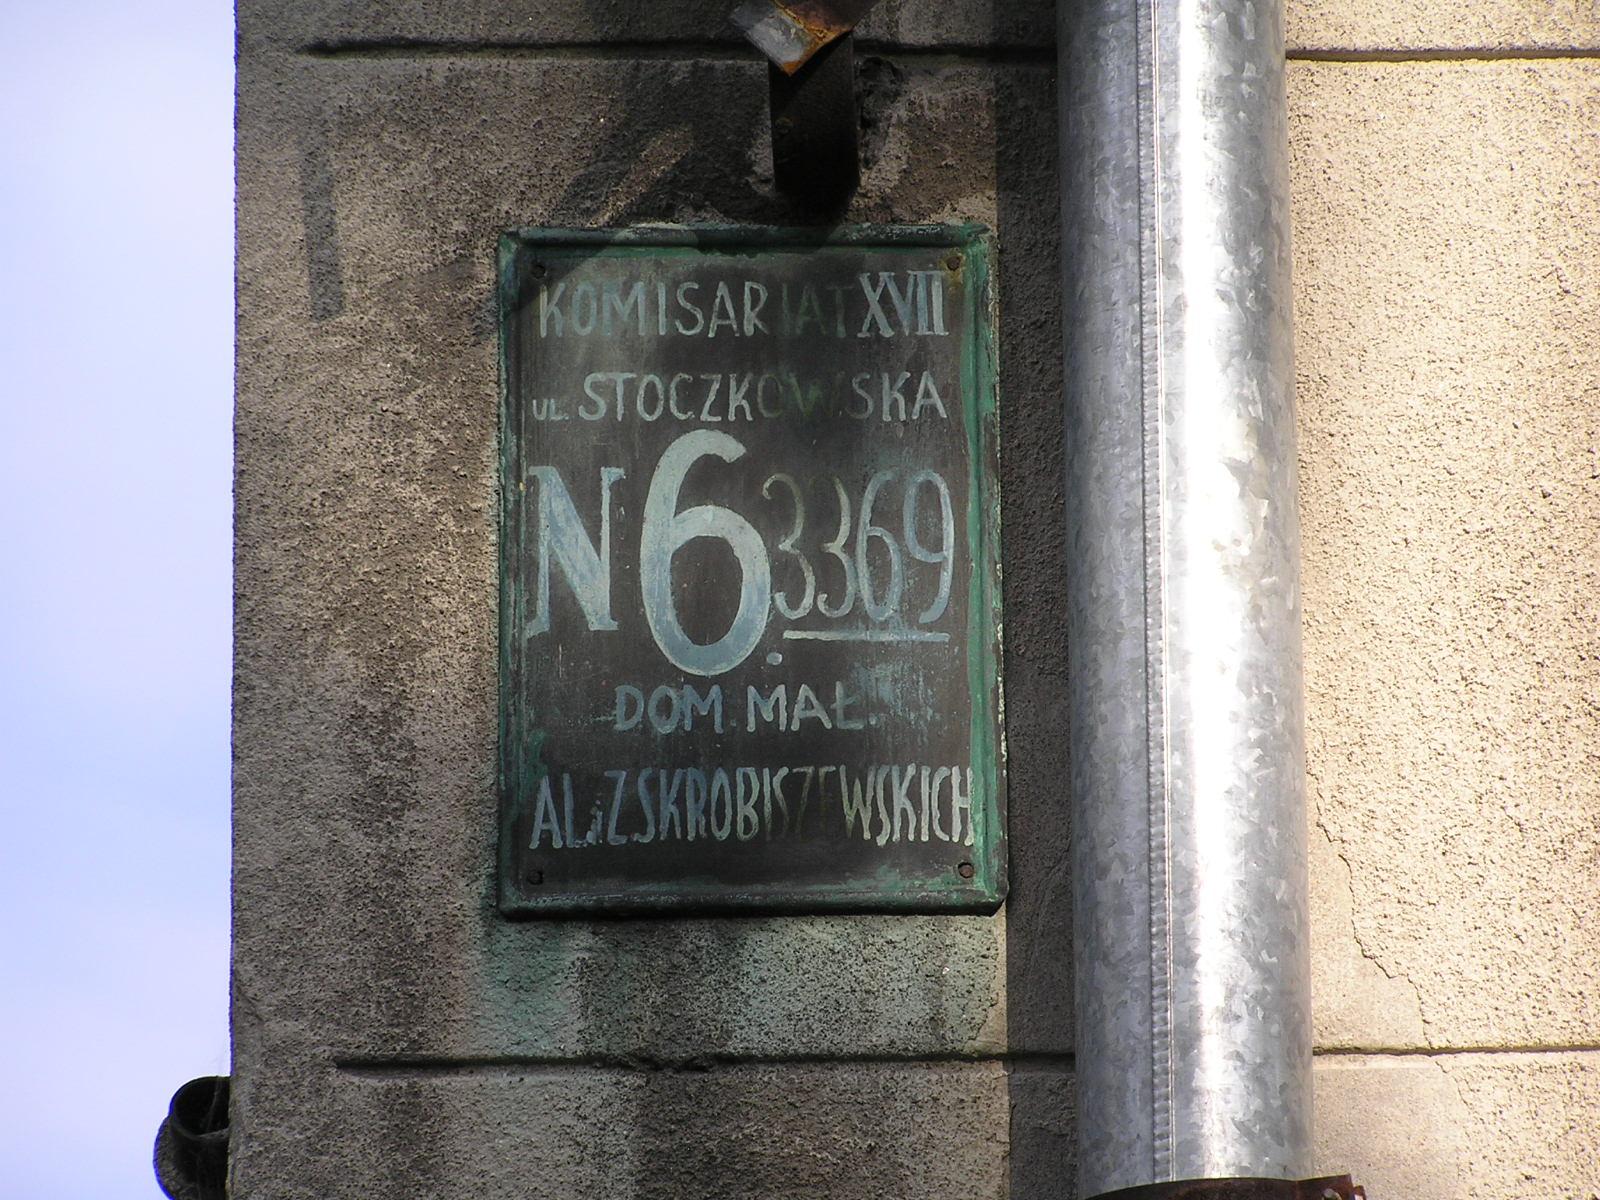 Przedwojenna tabliczka adresowa na Stoczkowskiej 6